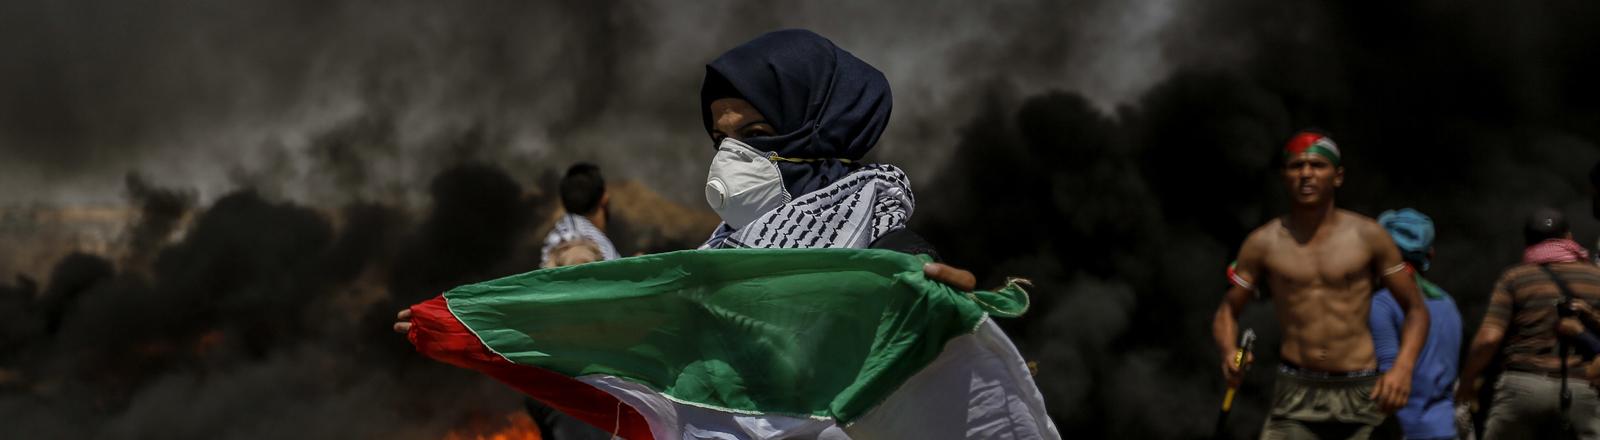 Mann mit Palästinensischer Flagge und Atemmaske, im Hintergrund Feuer und dunkler Rauch